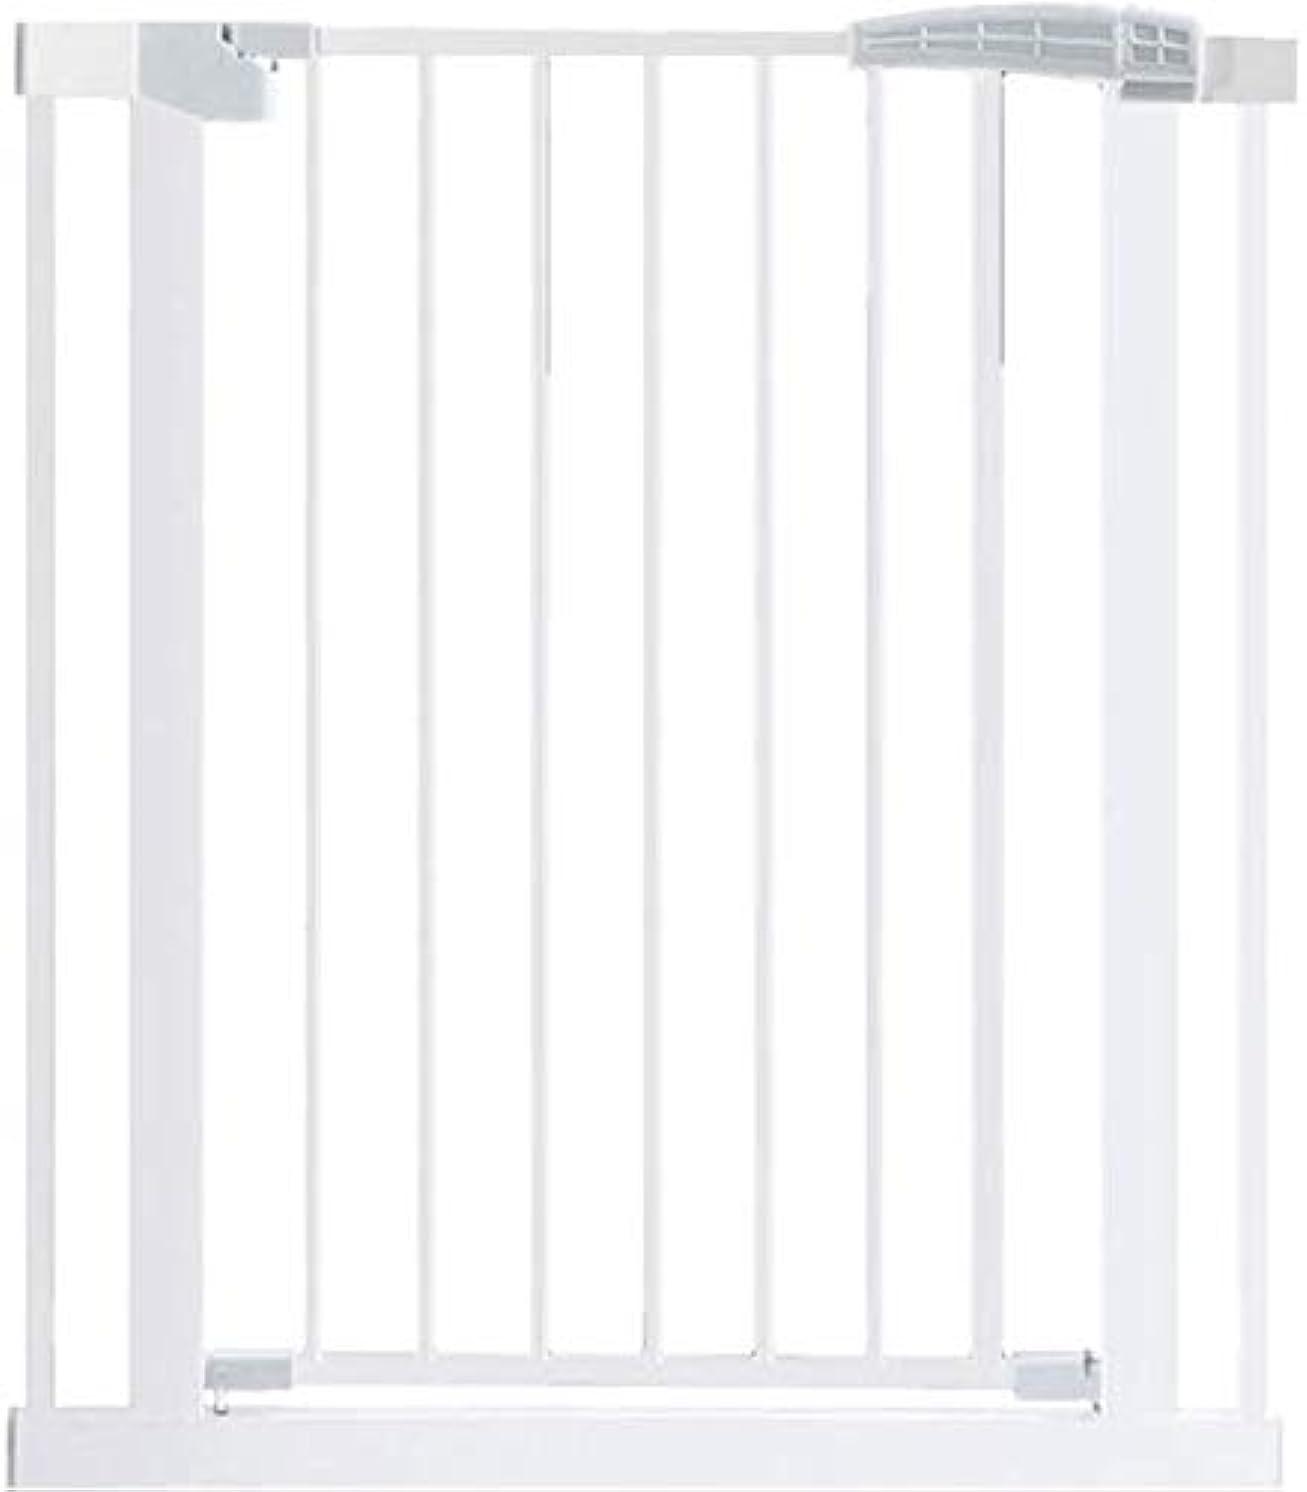 気取らない怠けた編集者ベビーゲート フェンス ドア付き 圧力フィット安全メタルゲートは、幅が利用可能な拡張機能でペットゲートベビーゲートを200センチメートル75から選択することができる80センチメートル長身 (Color : White, Size : 158-1...